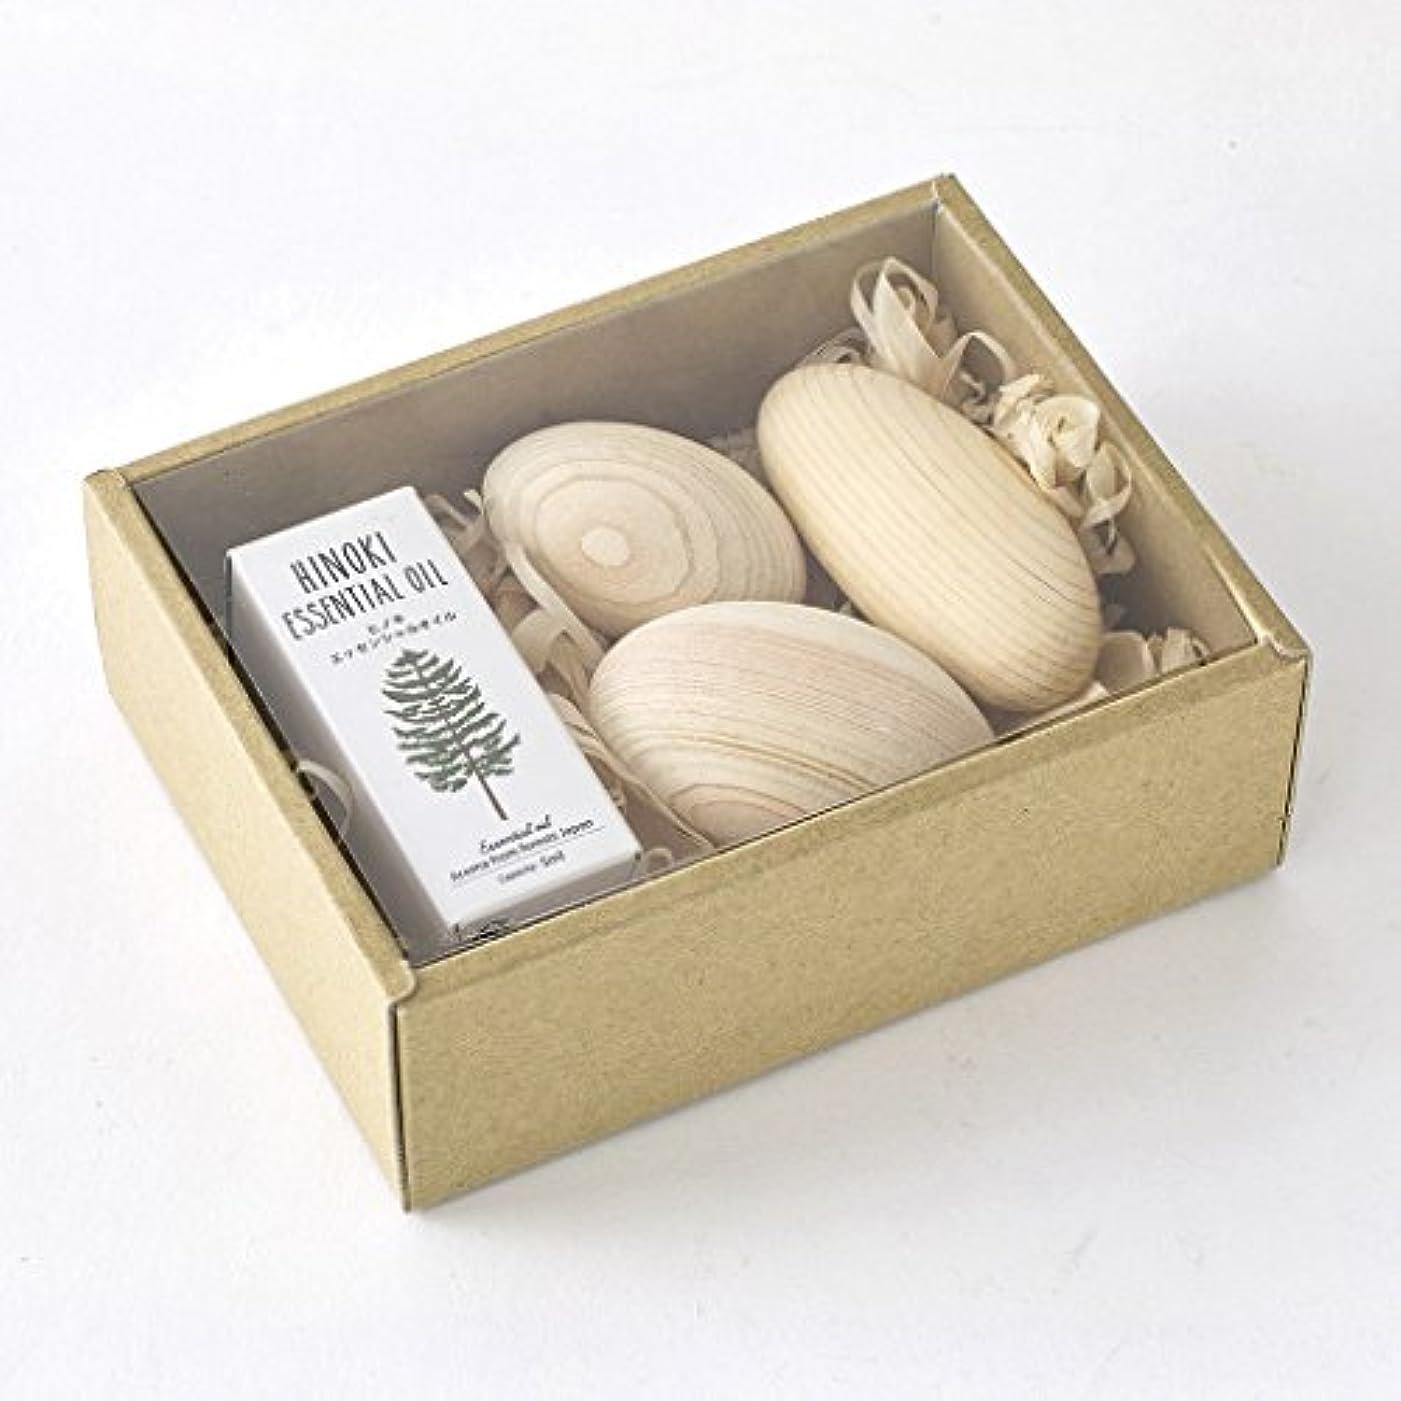 広まった表現結晶SPICE OF LIFE アロマオイル&ウッドボールセット ヒノキ 木曽ヒノキ 天然精油 香り 癒し リラックス 日本製 YKLG8010SET